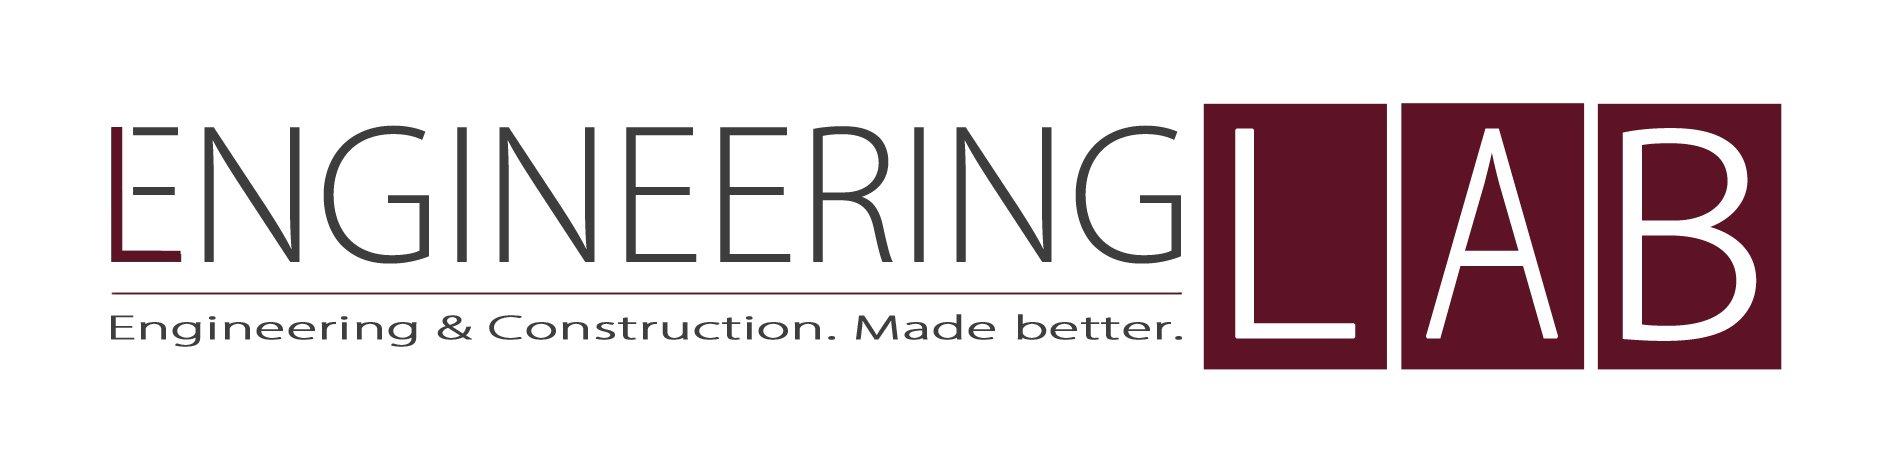 EngineeringLab